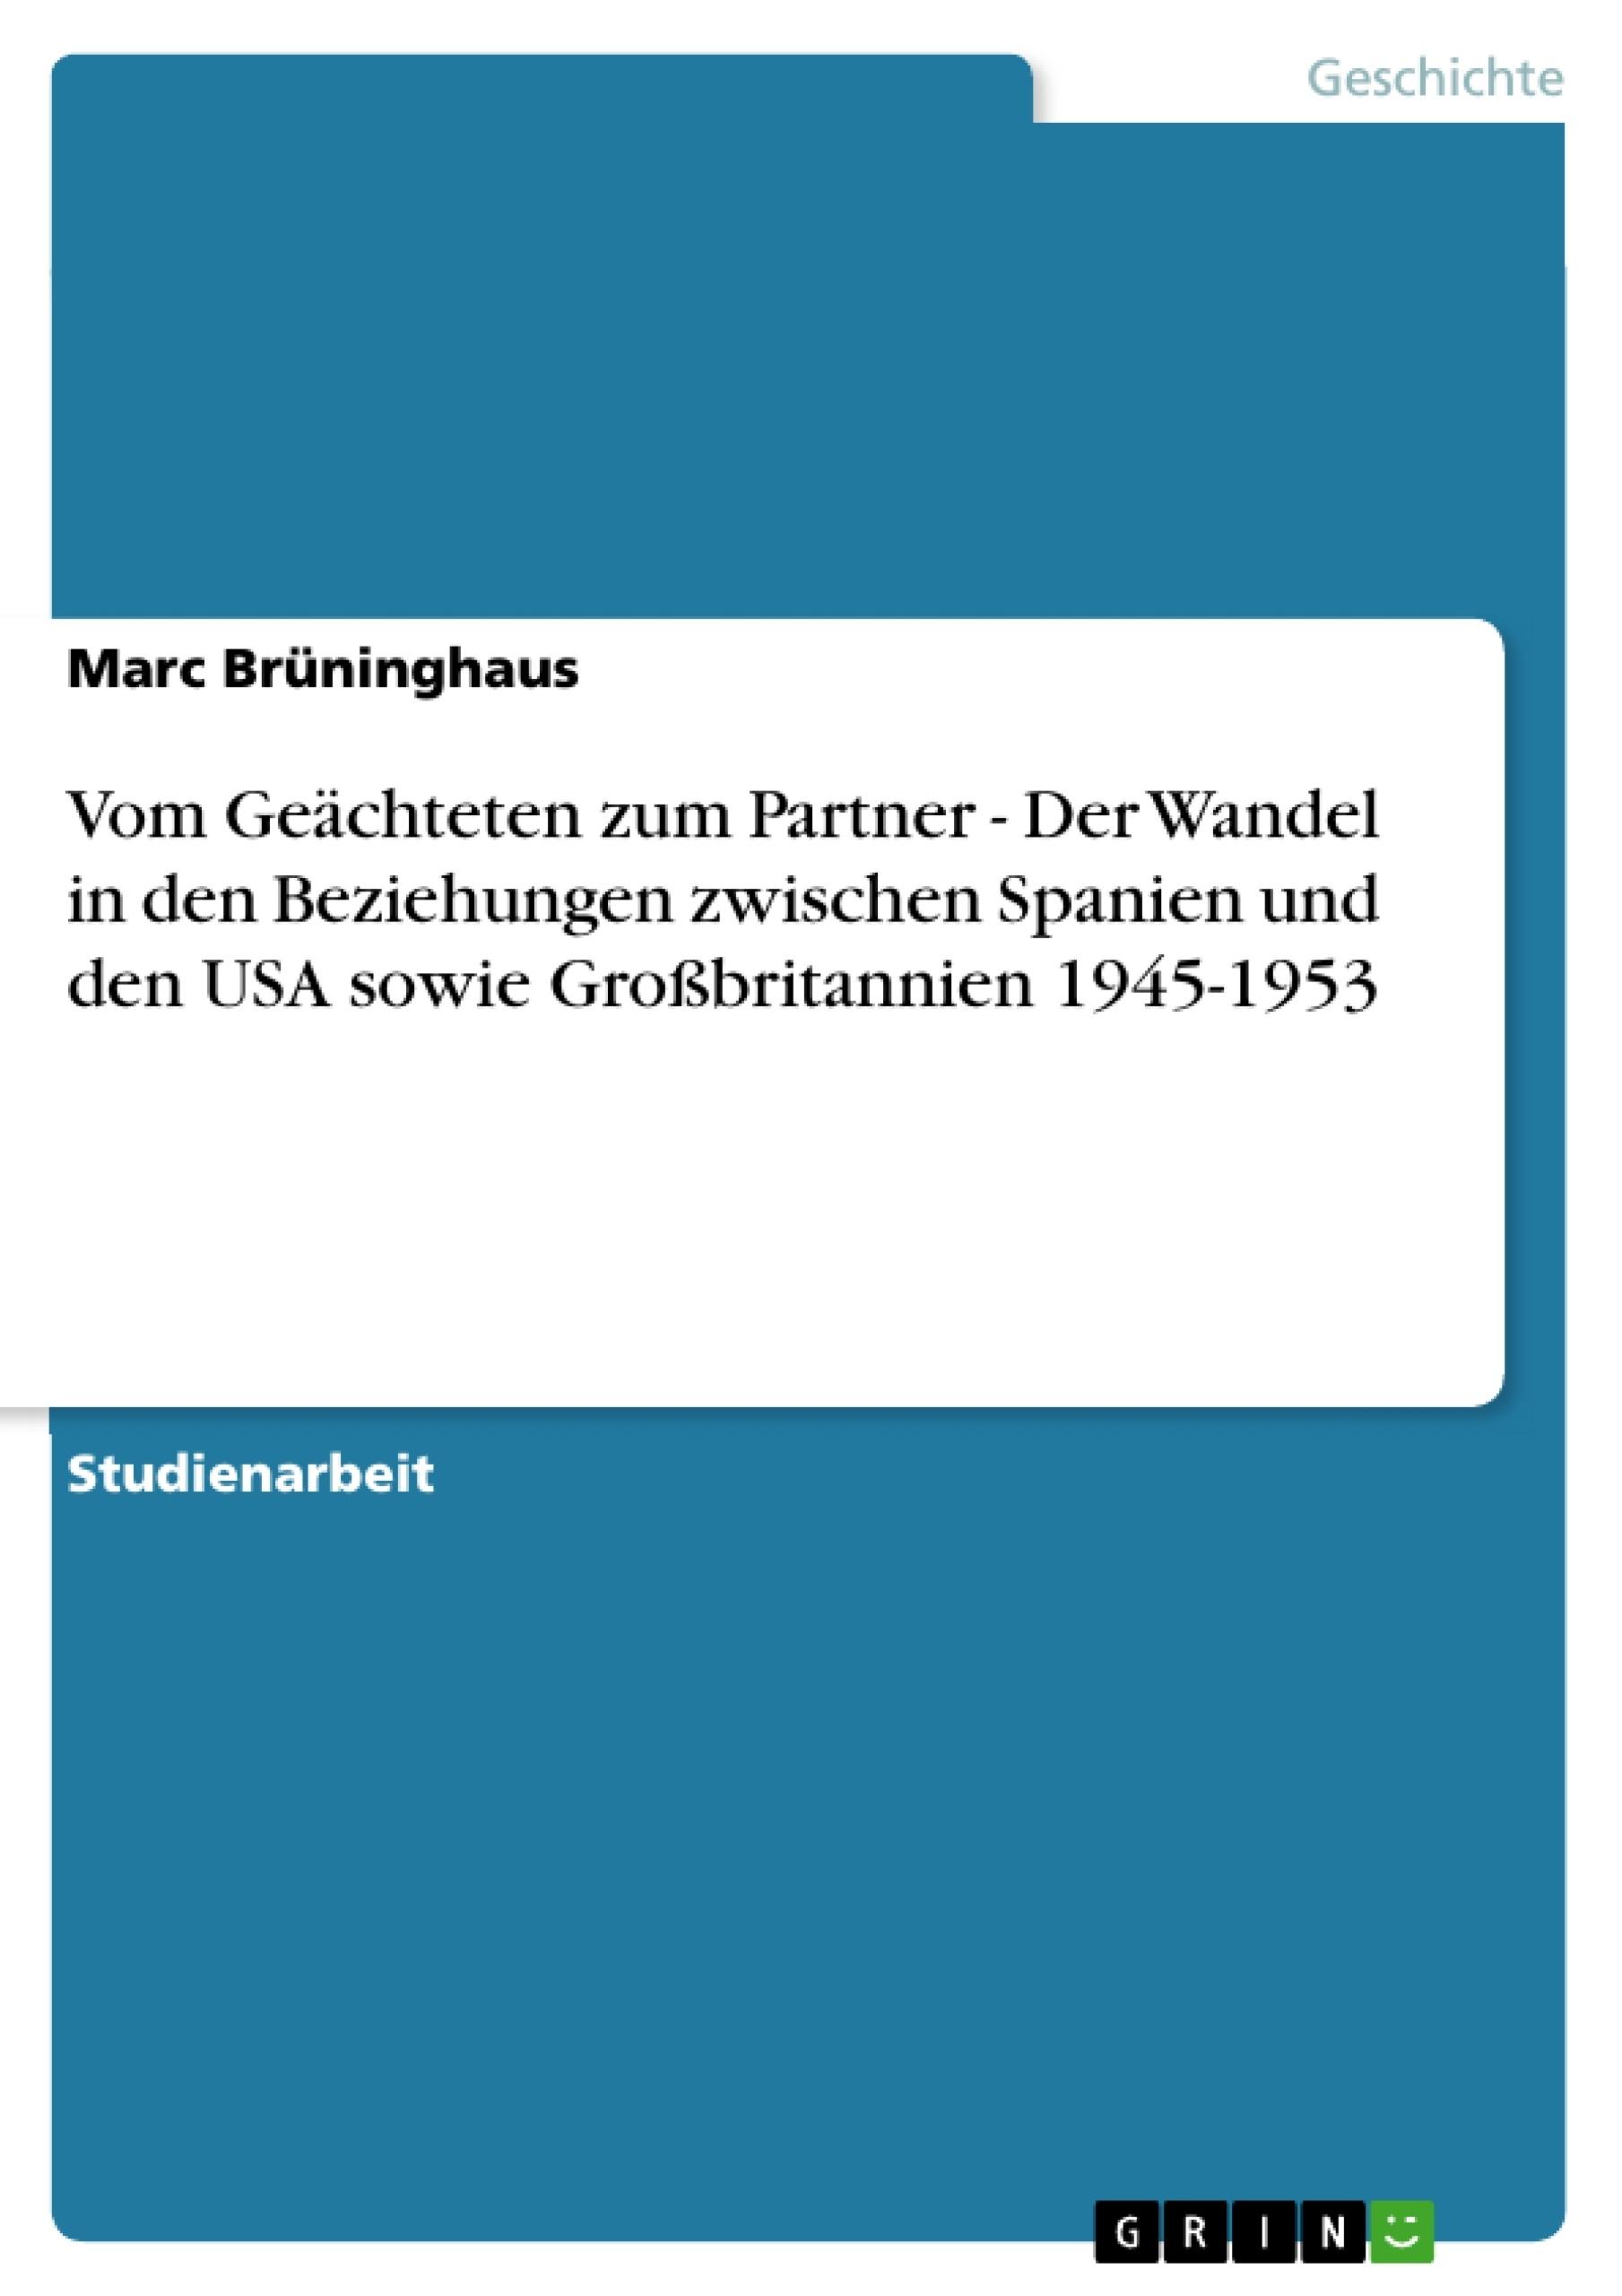 Titel: Vom Geächteten zum Partner - Der Wandel in den Beziehungen zwischen Spanien und den USA sowie Großbritannien 1945-1953